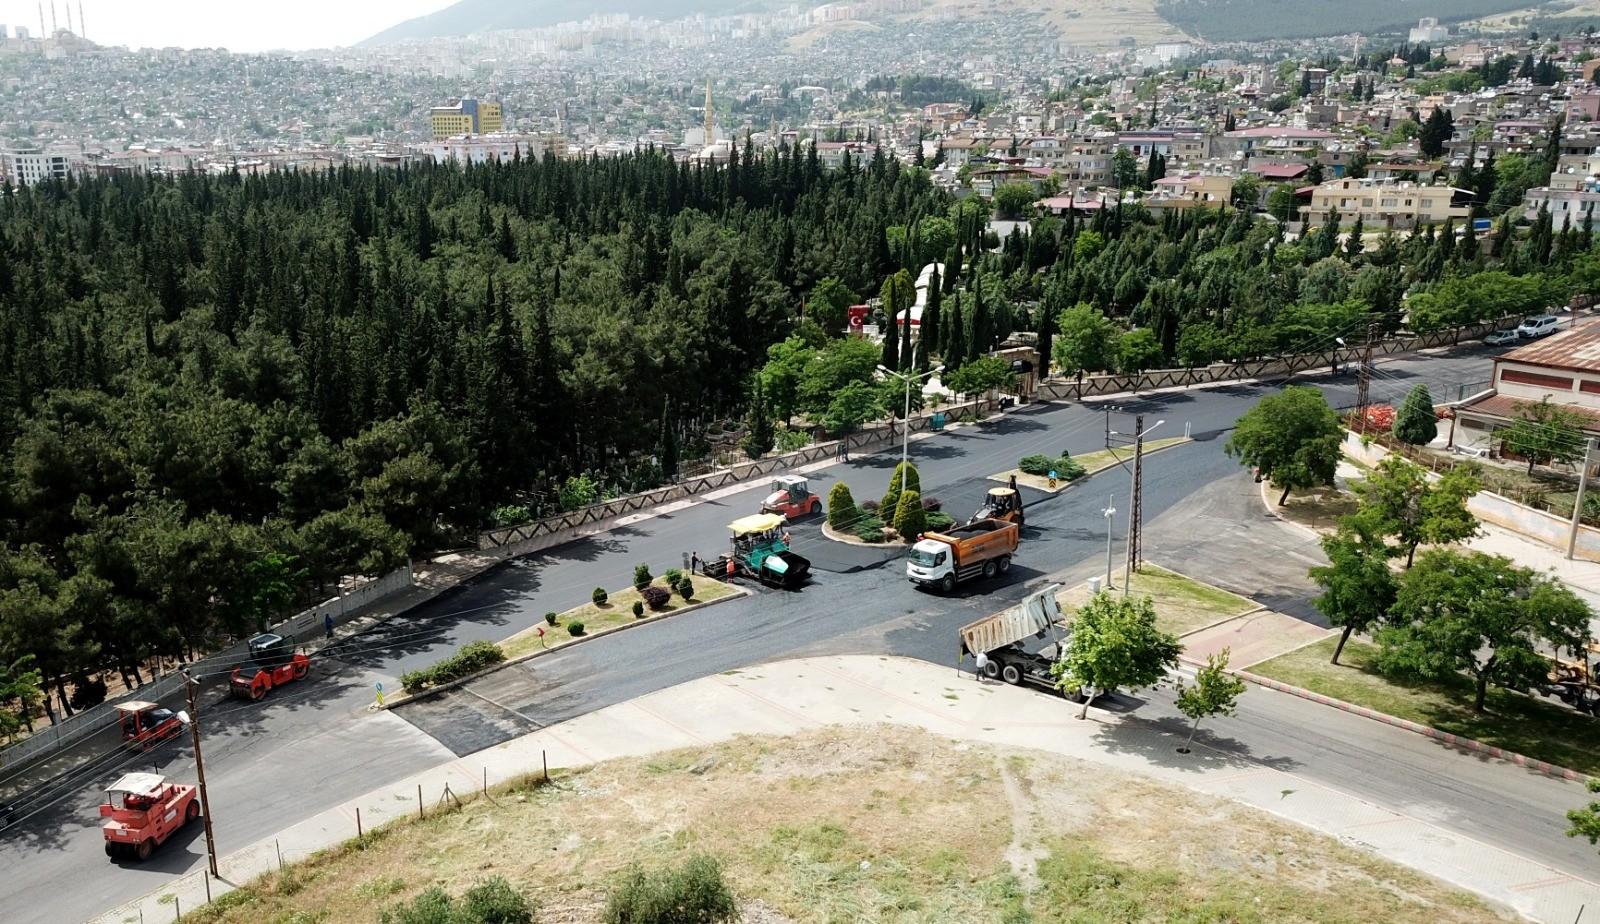 Kahramanmaraşın yolları asfalt ozelkalem.com .tr